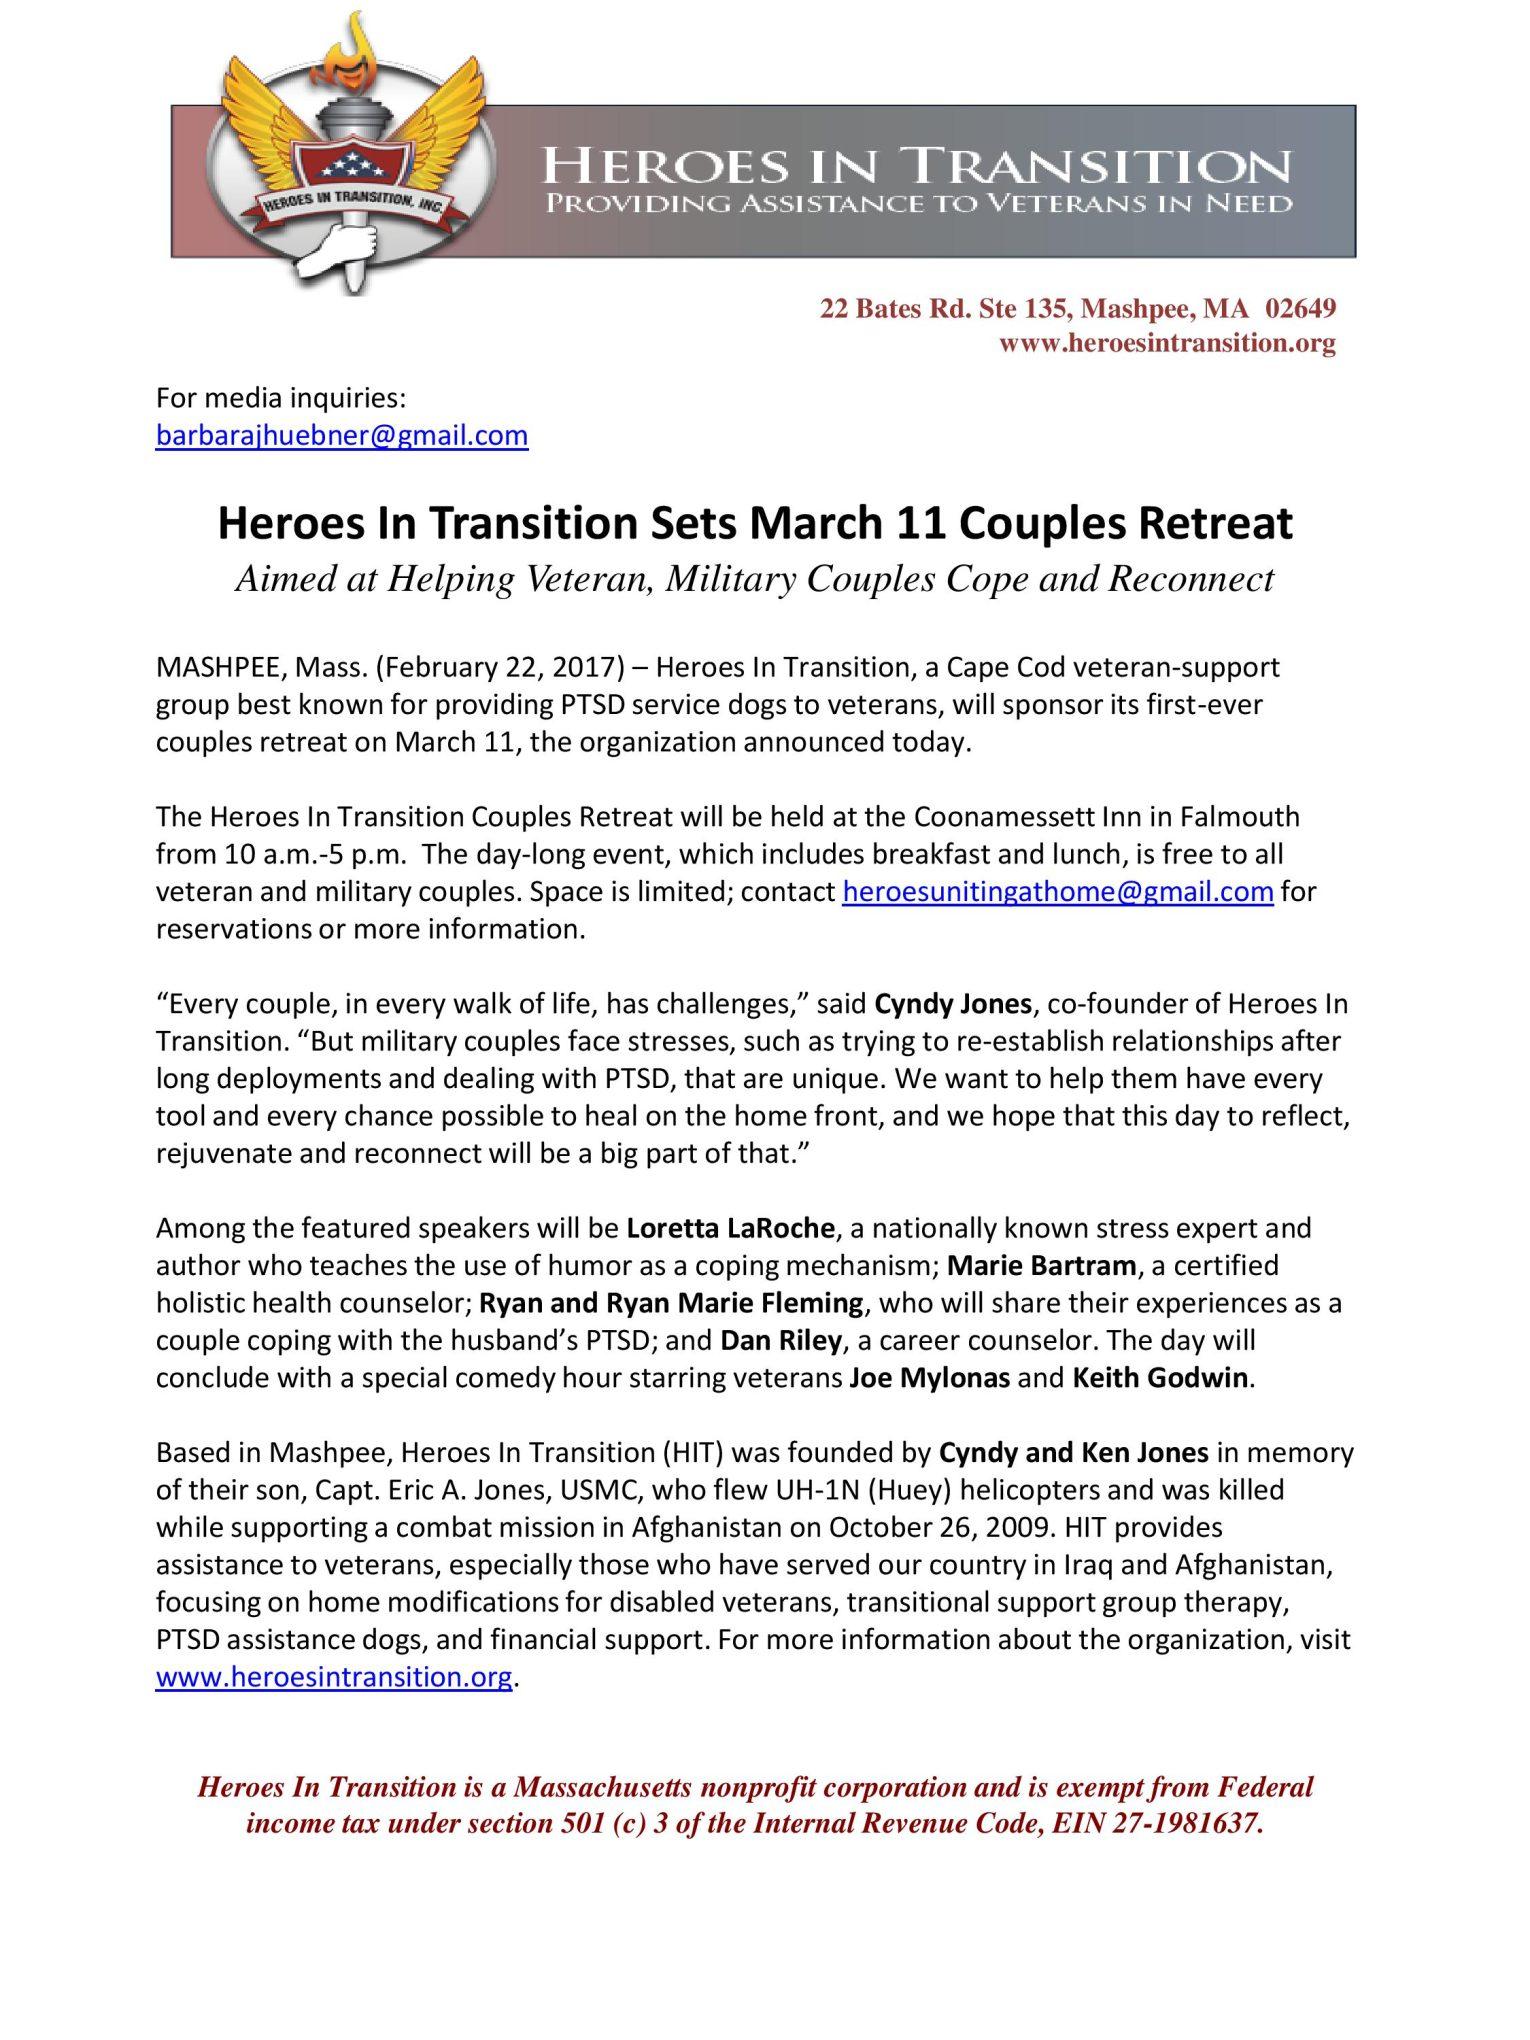 press release feb22